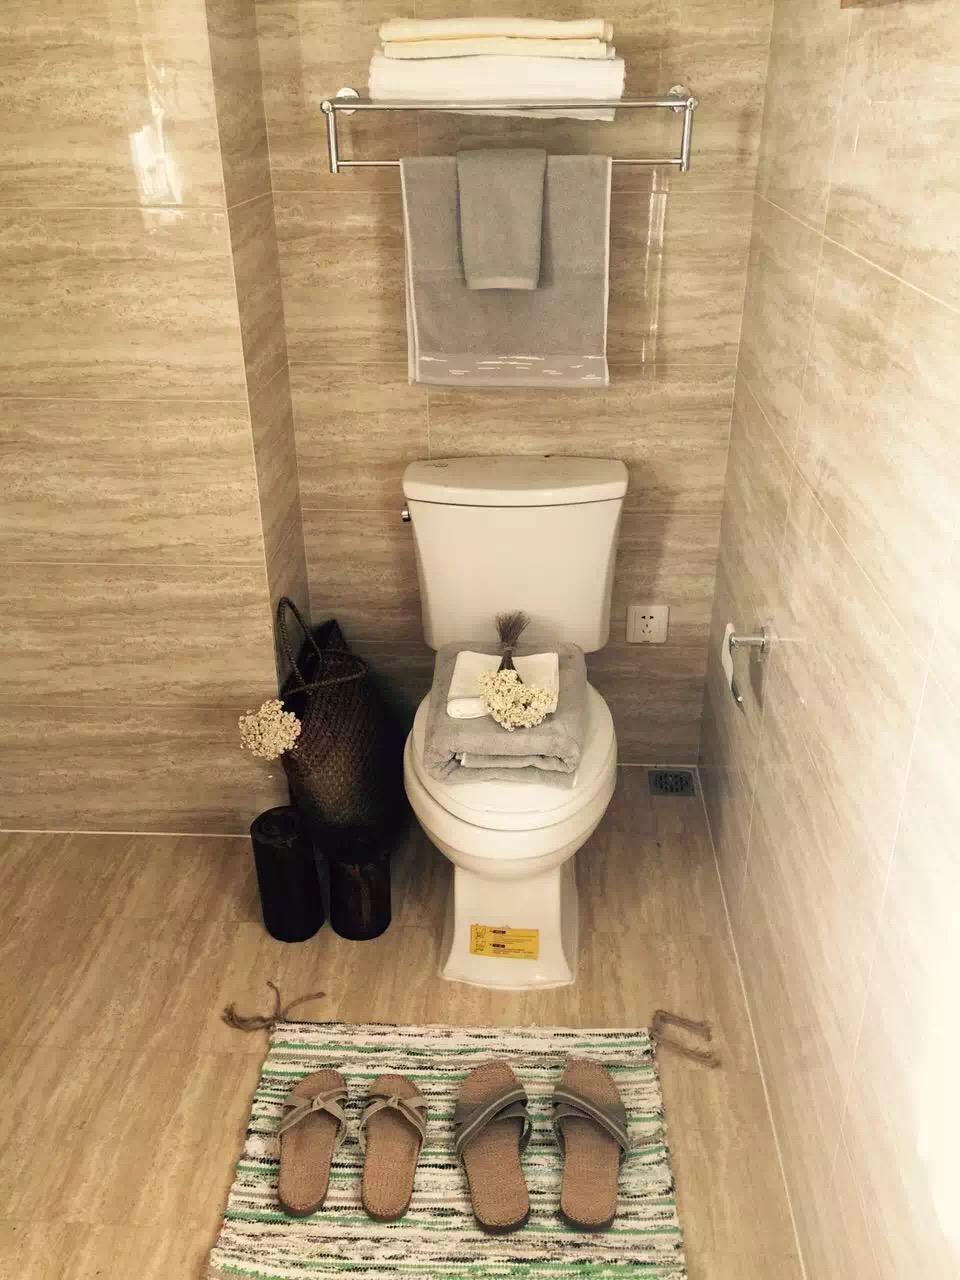 美式风格延续到卫生间,利用几组素净的生活用品,在简单的卫生间中呈现舒适的意境。